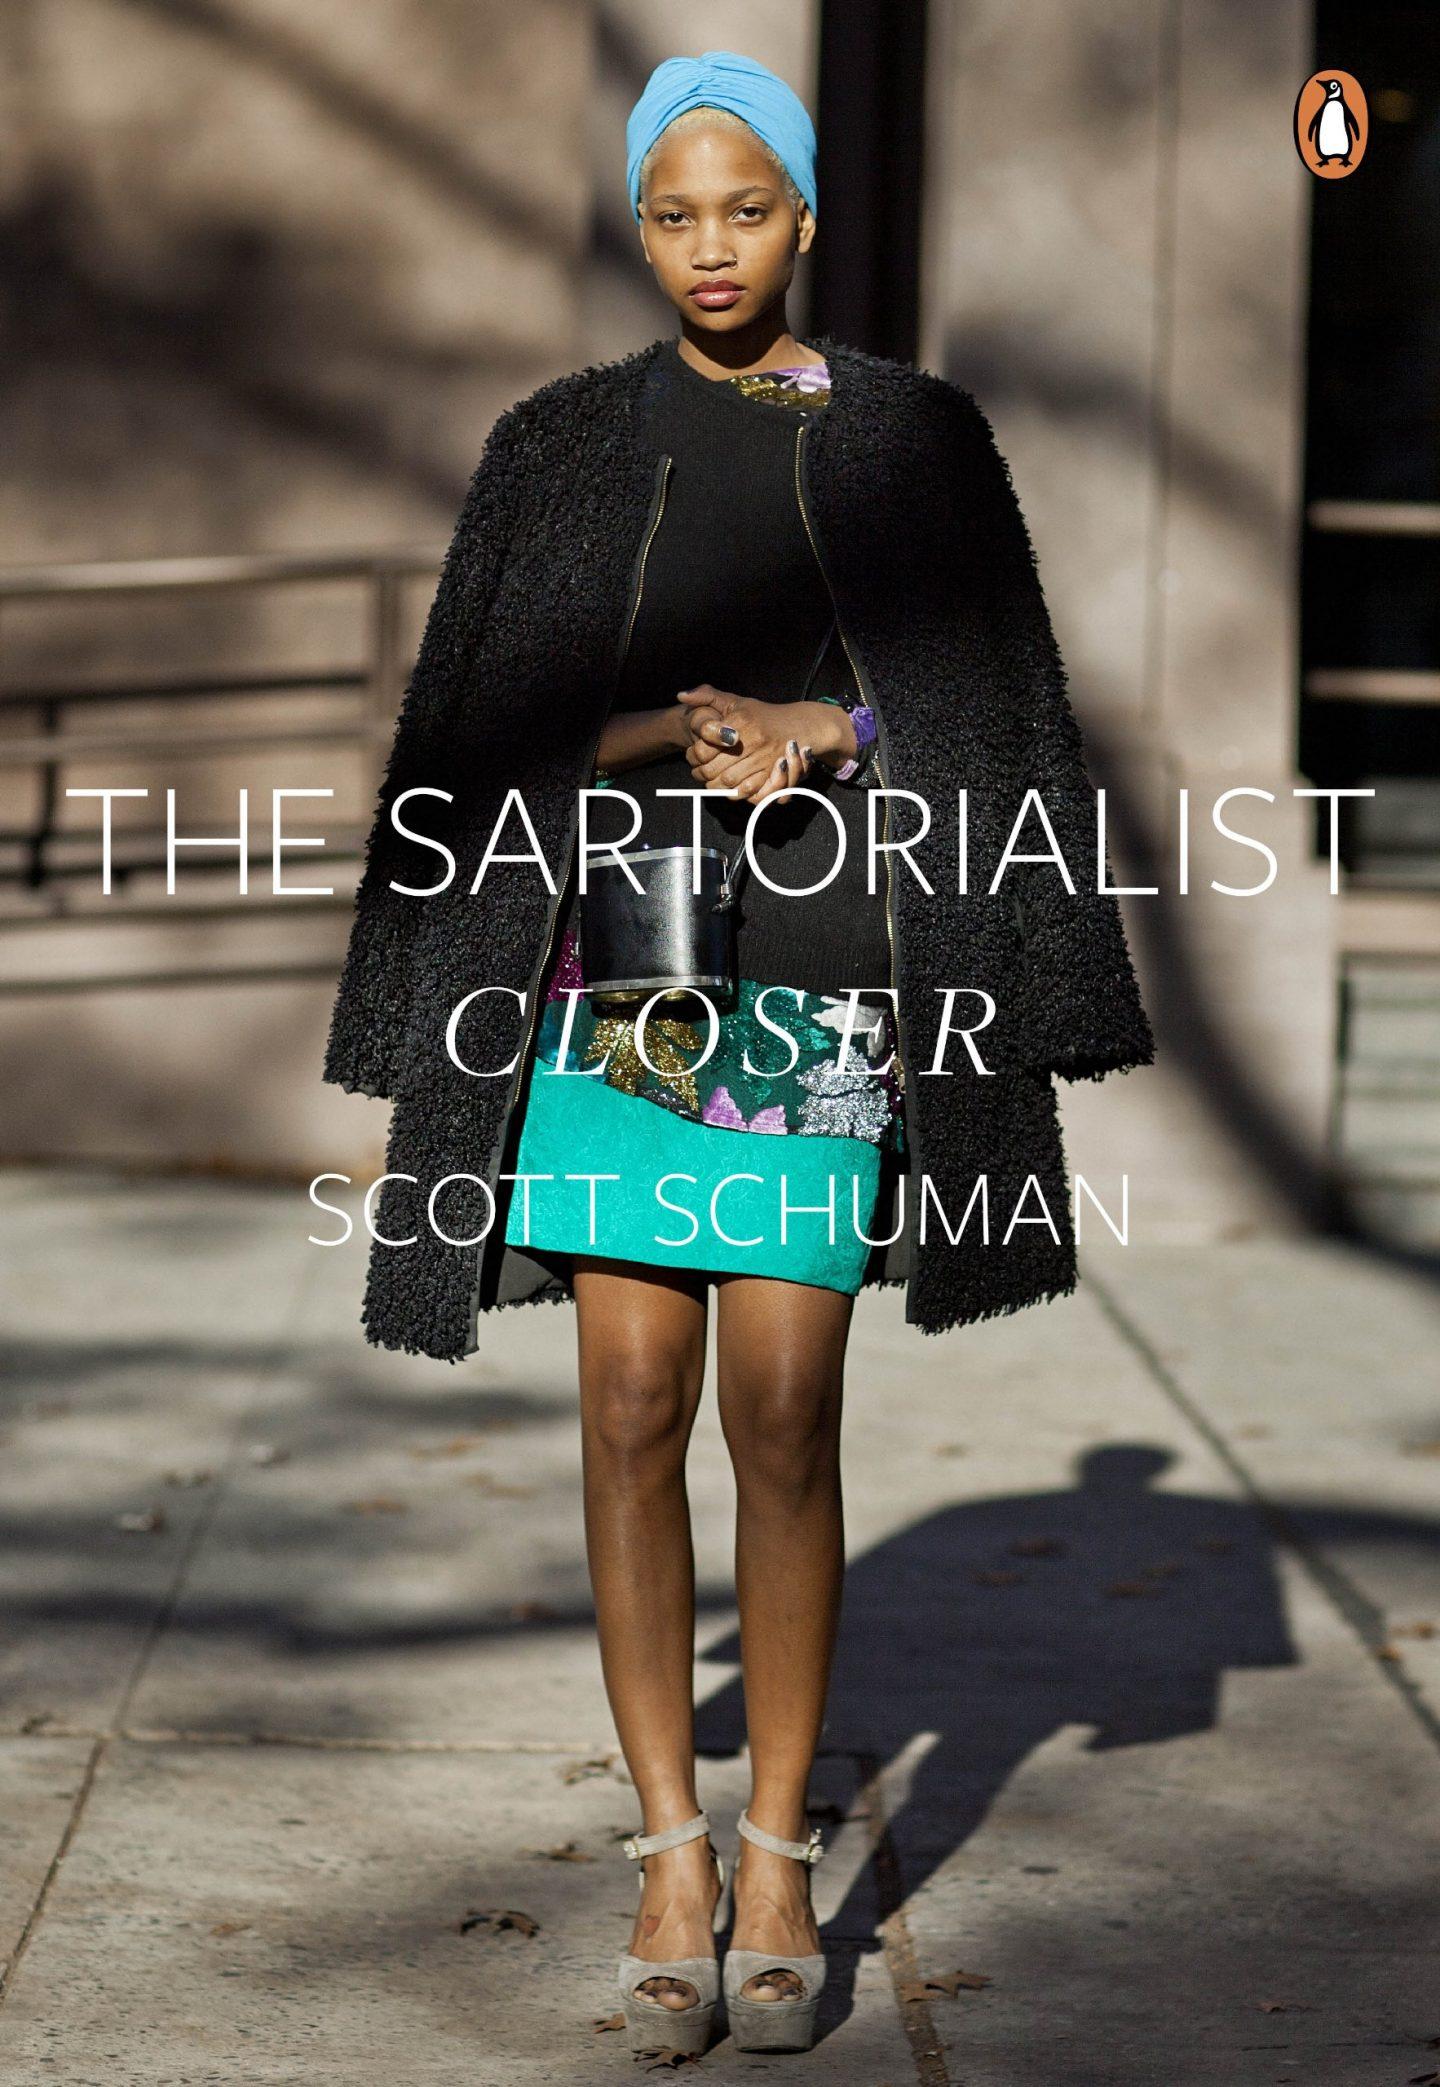 The Sartorialist closer book scott schuman